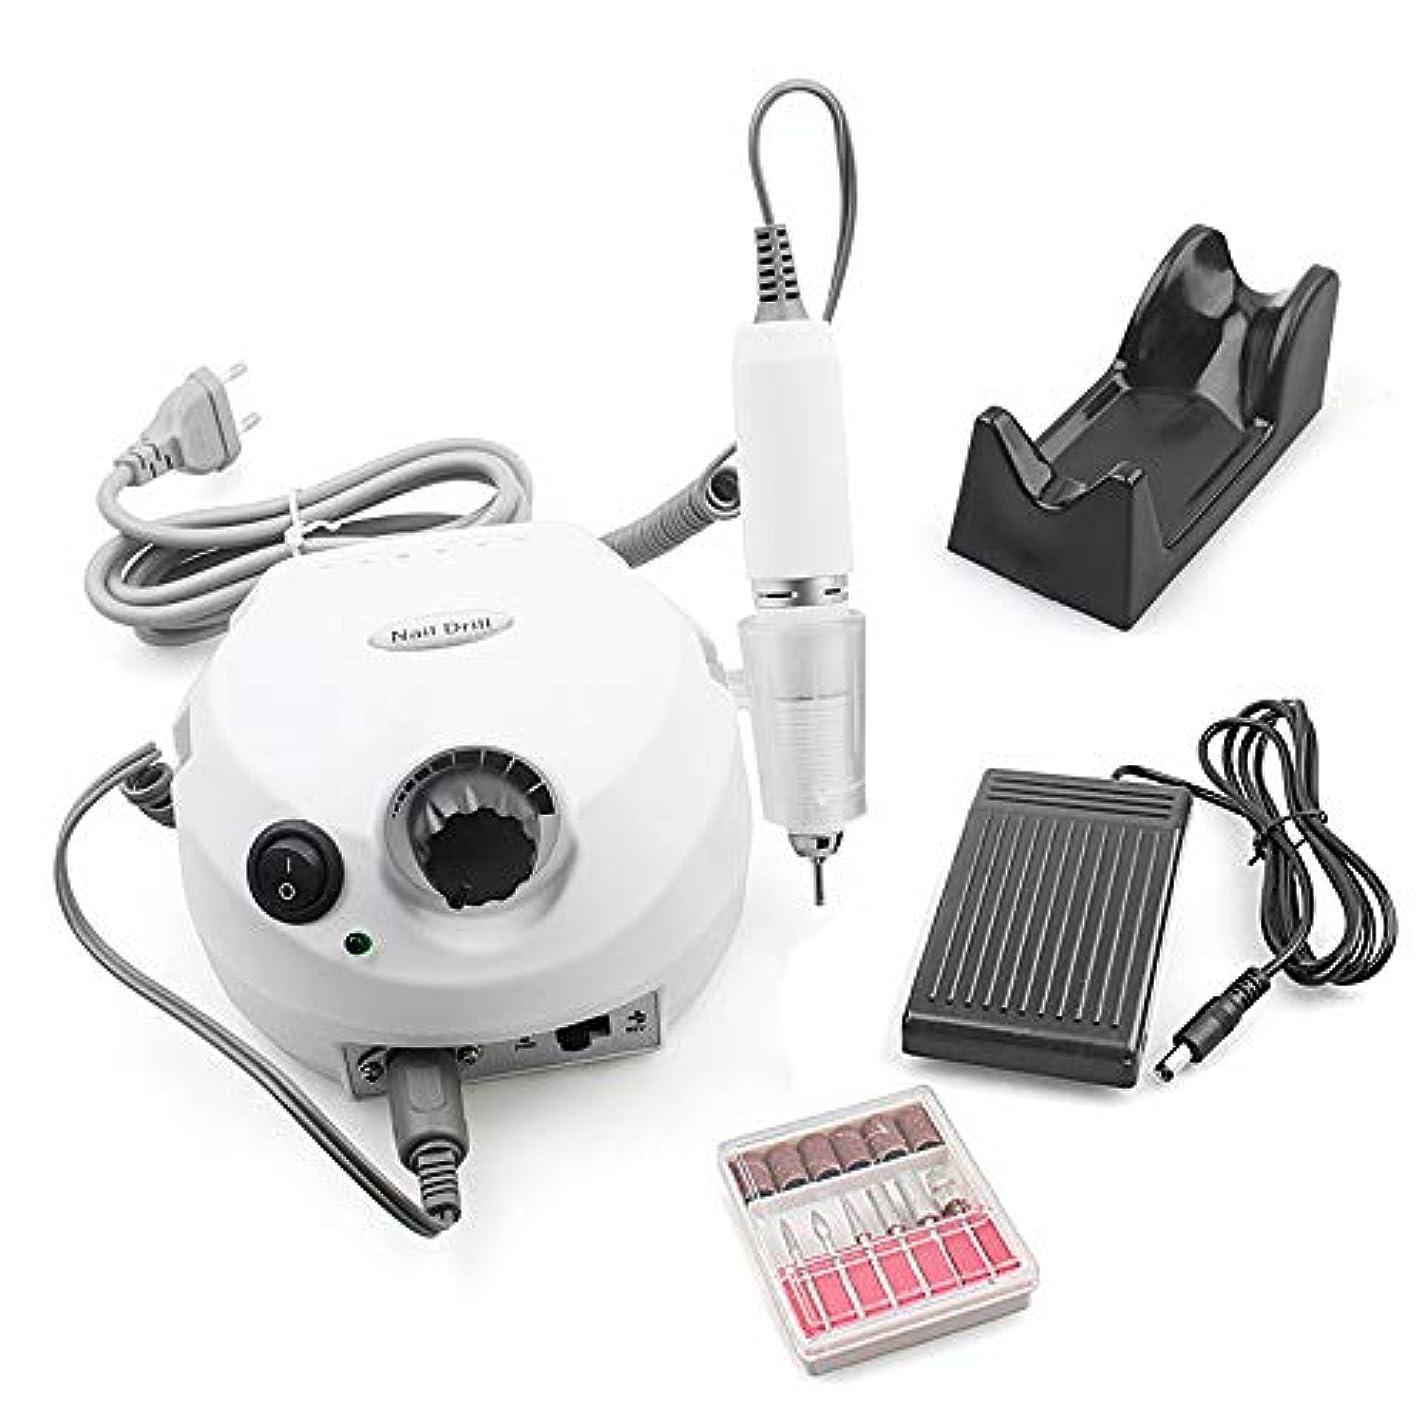 カメラ引き出し寄生虫電気マニキュアペンマシン、プロフェッショナル30000Rpm電気ネイルアート、電気ネイルドリルマシンプロフェッショナルネイルファイルマニキュアペディキュア